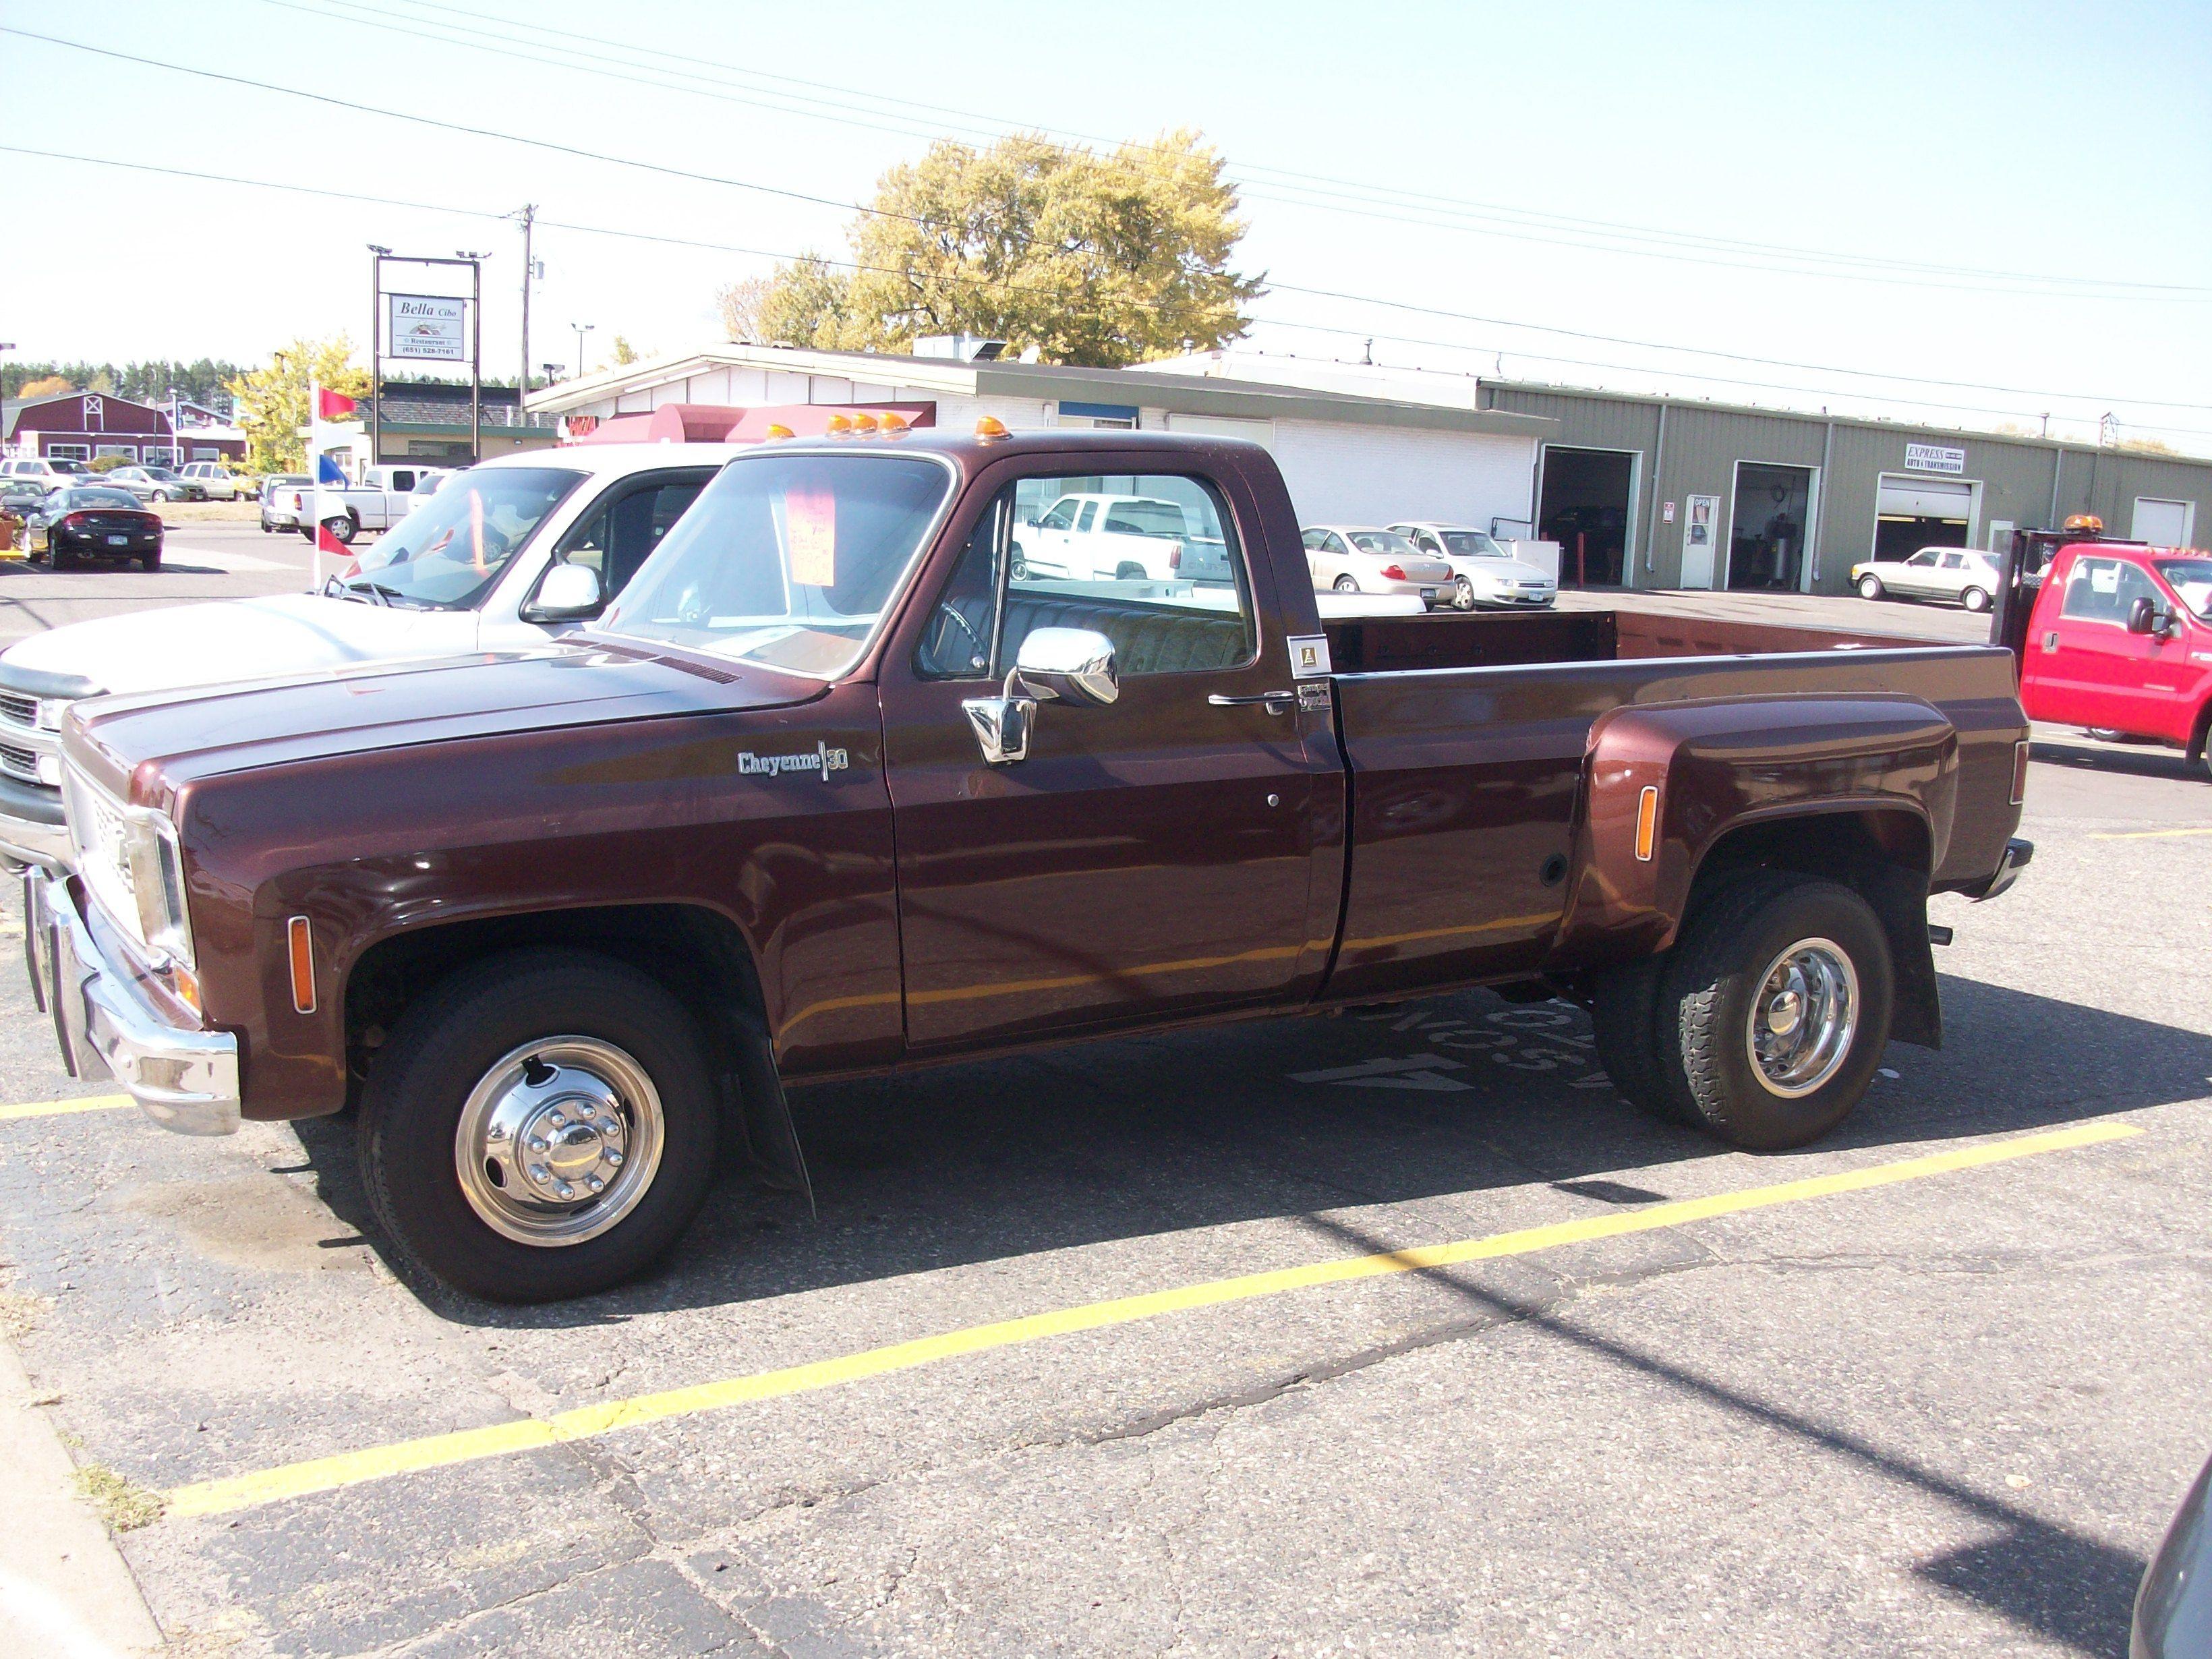 Image For Item I9557 1985 Gmc Sierra 1500 Pickup Truck Gmc Sierra 1500 Pickup Trucks For Sale Gmc Sierra